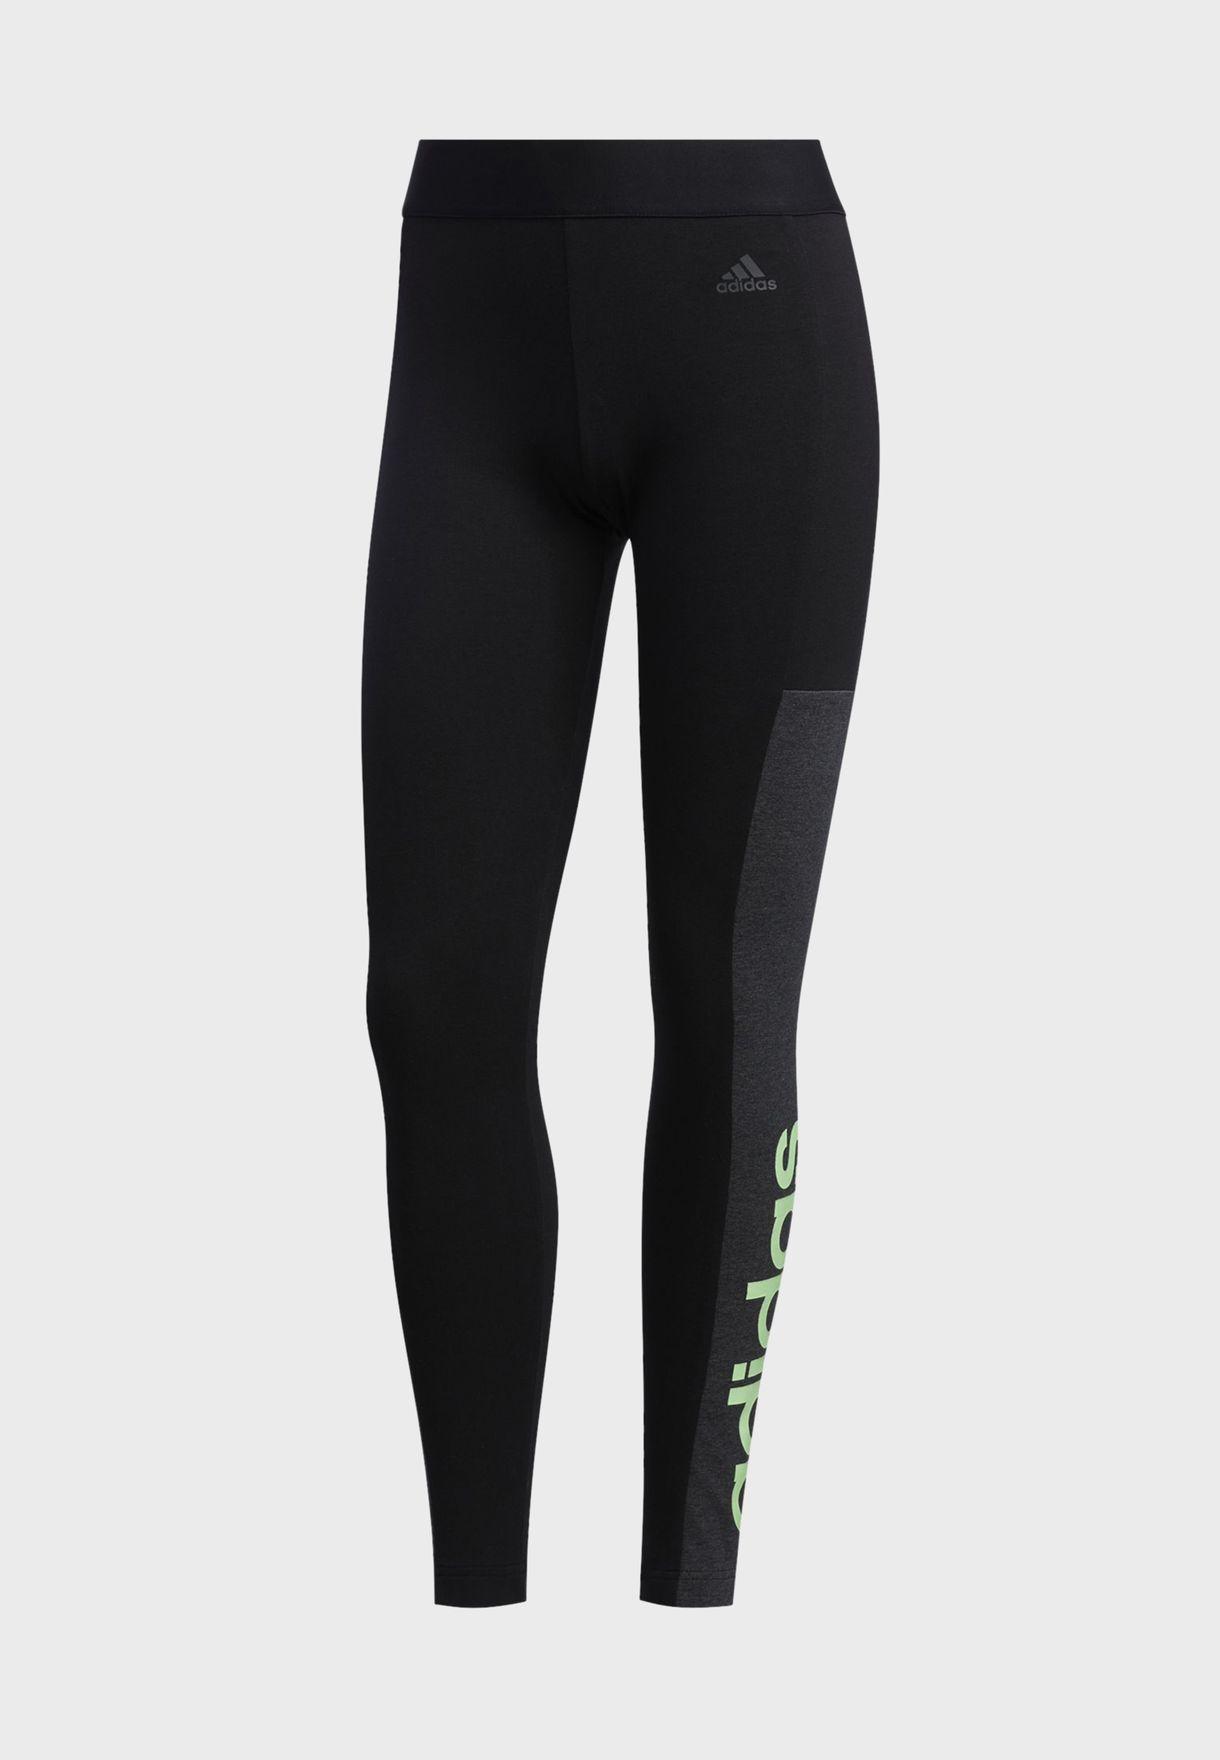 Essentials Sports Women's Leggings